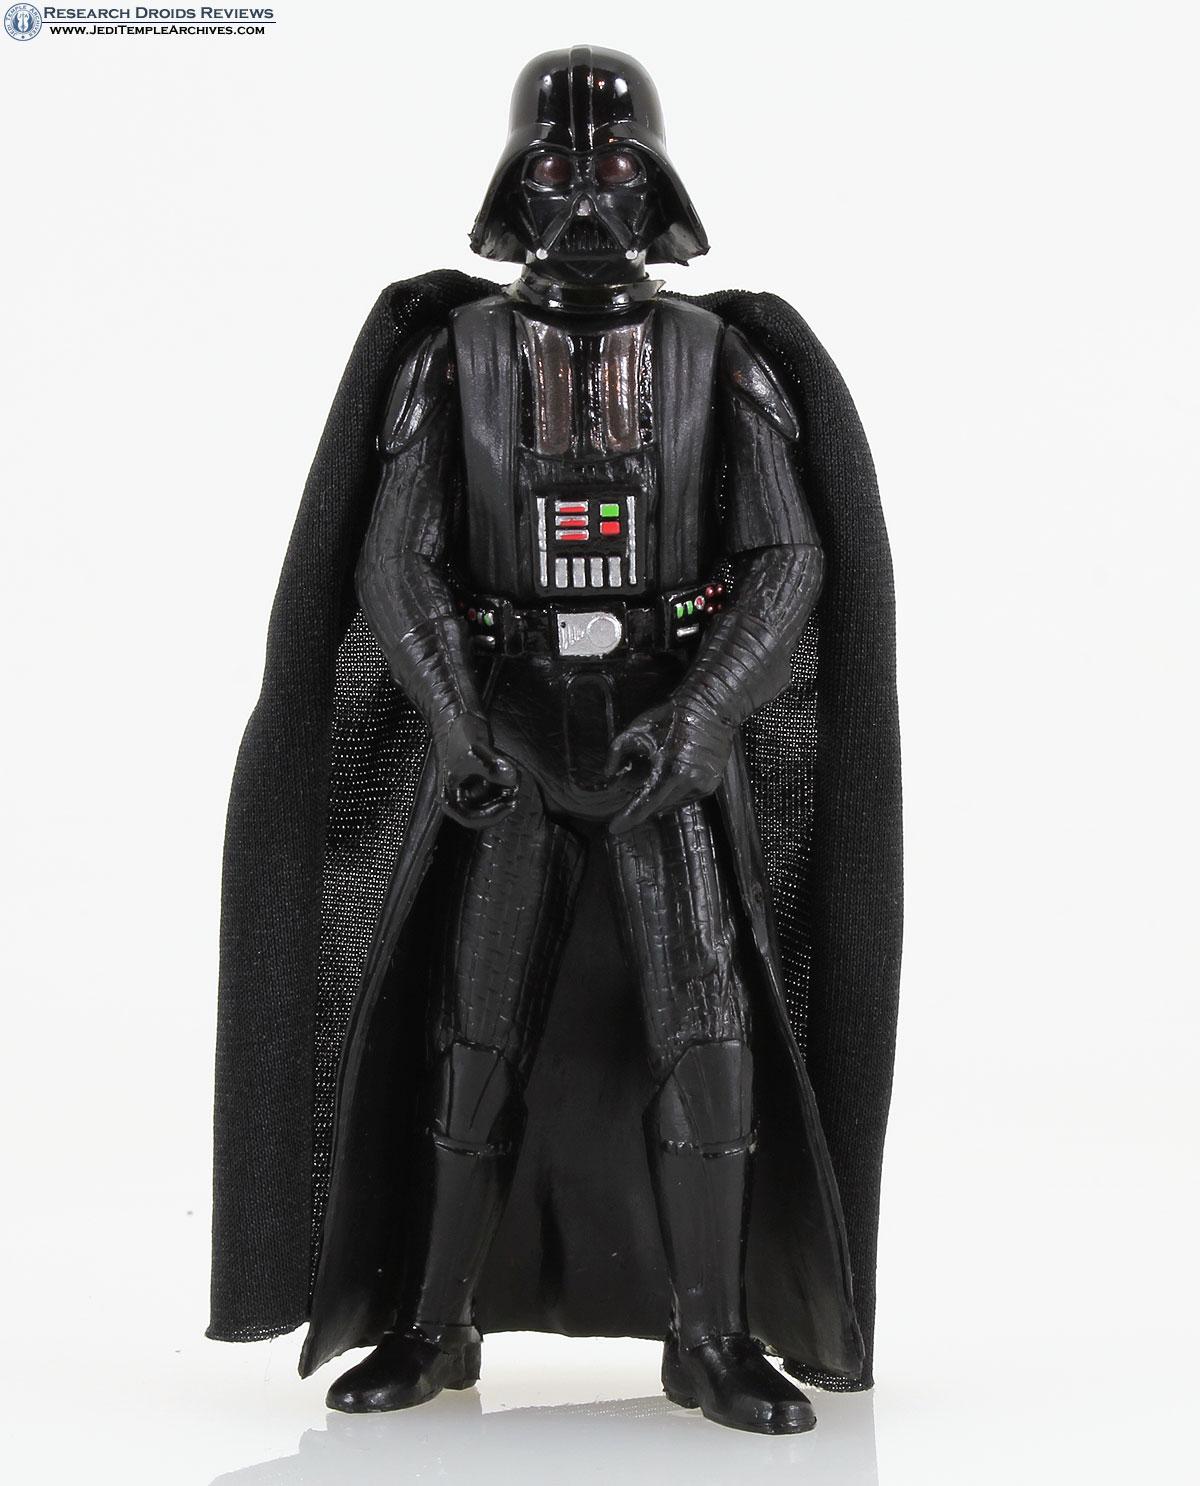 Darth Vader (Death Star) -